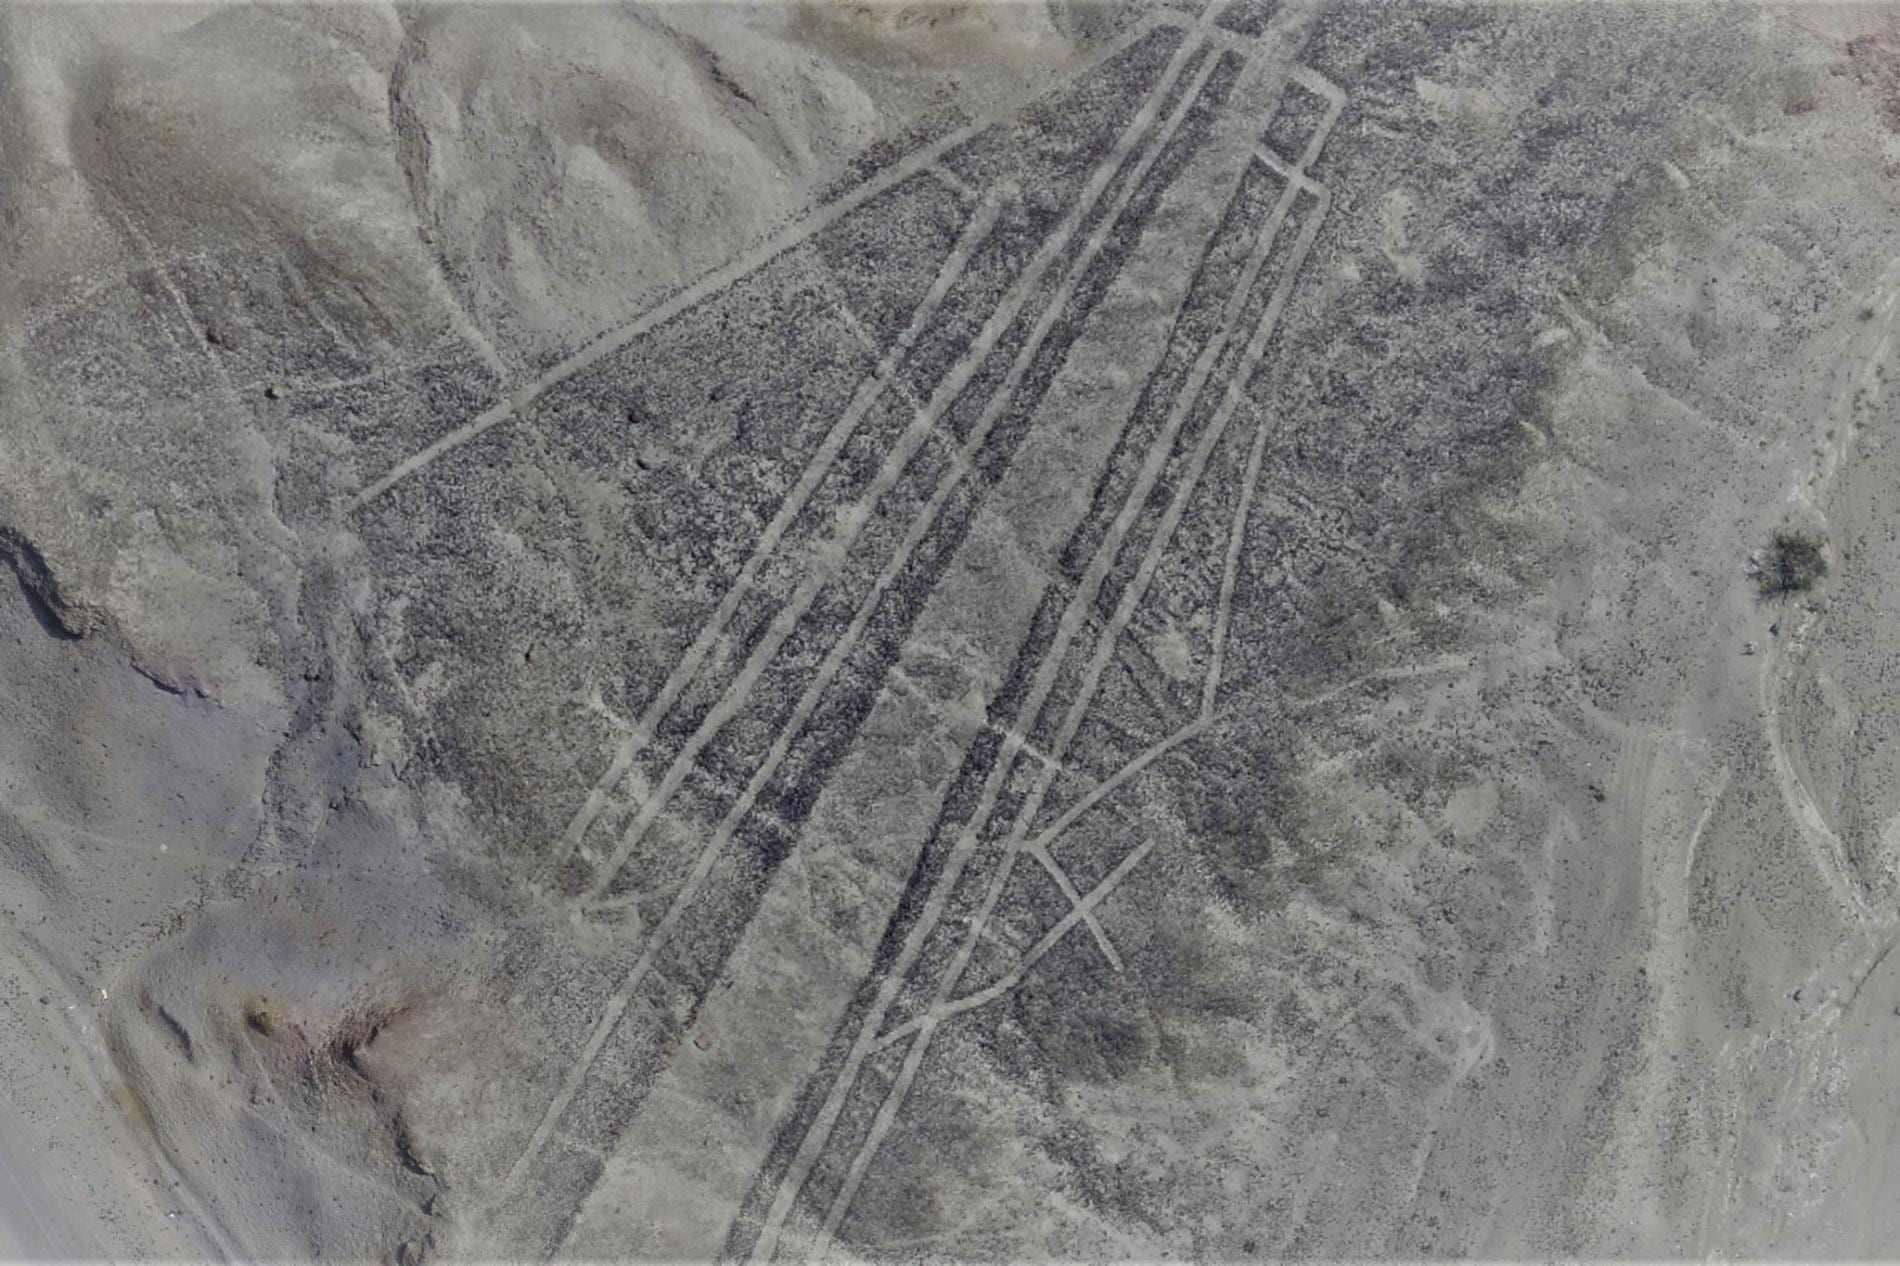 Đường Palpa: Có phải những đường geoglyph bí ẩn này cổ hơn đường Nazca 1,000 năm? 6